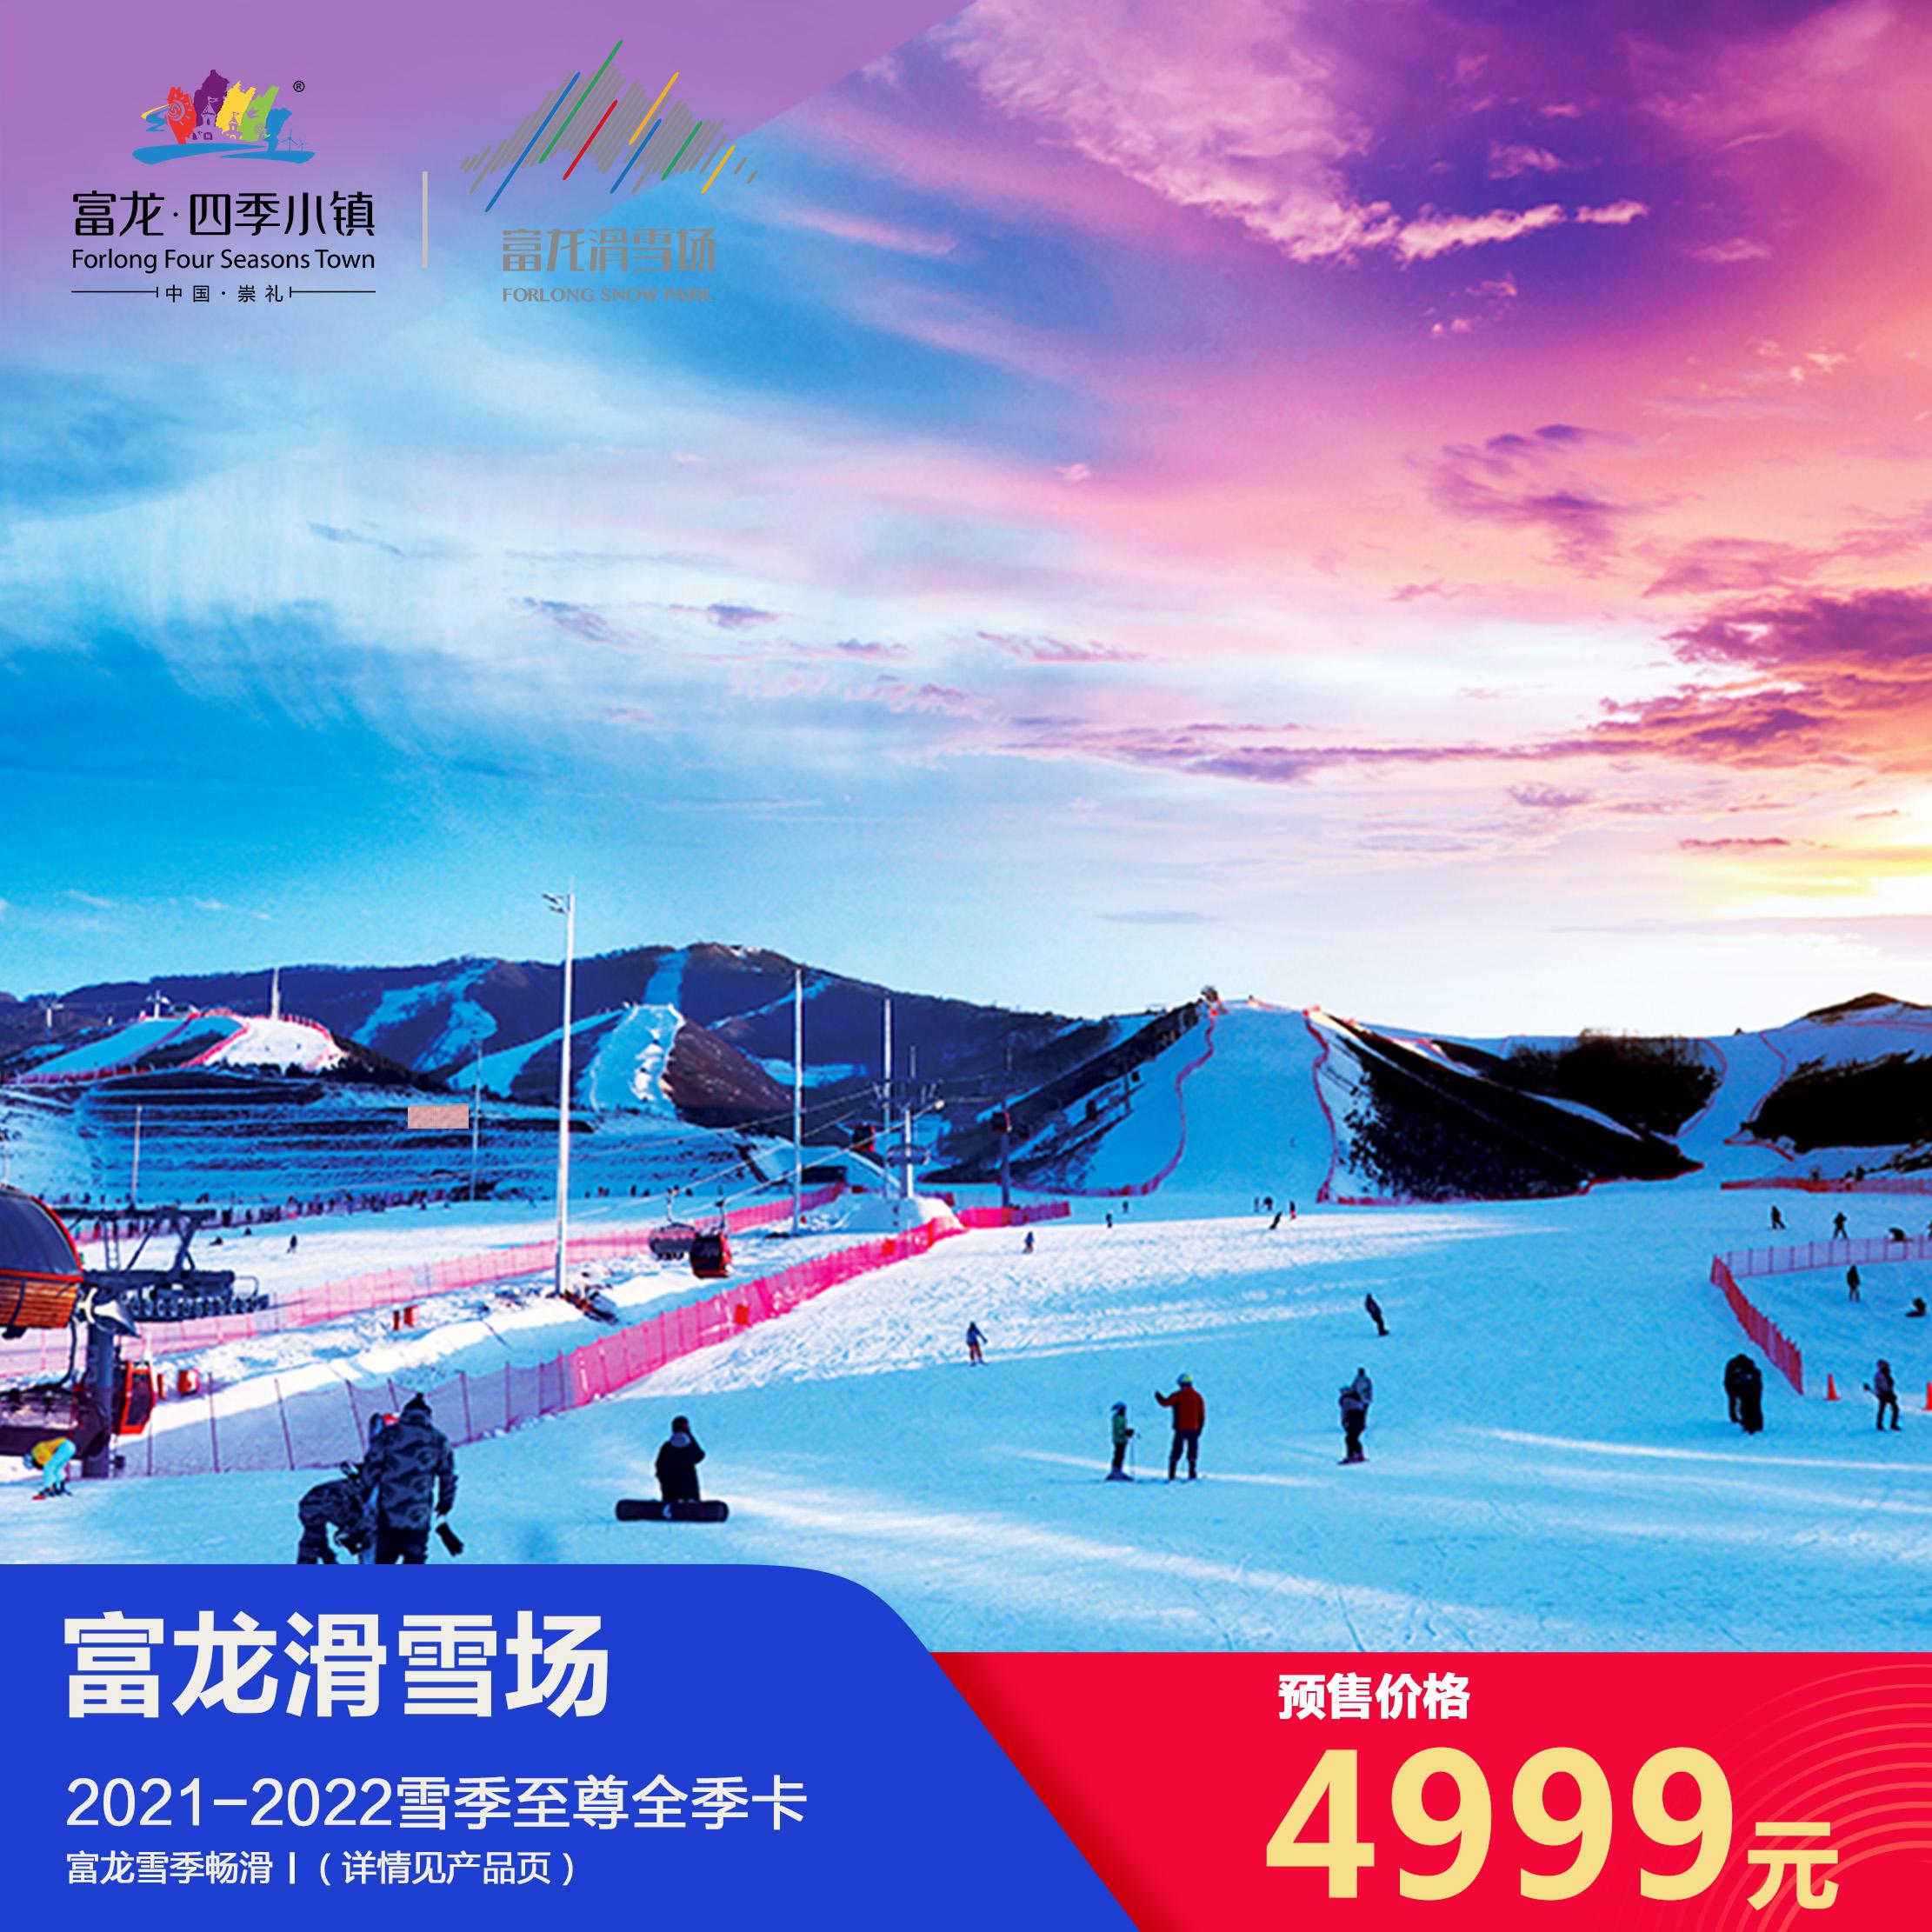 【预售】张家口崇礼富龙滑雪场2021-2022雪季至尊全季卡预售